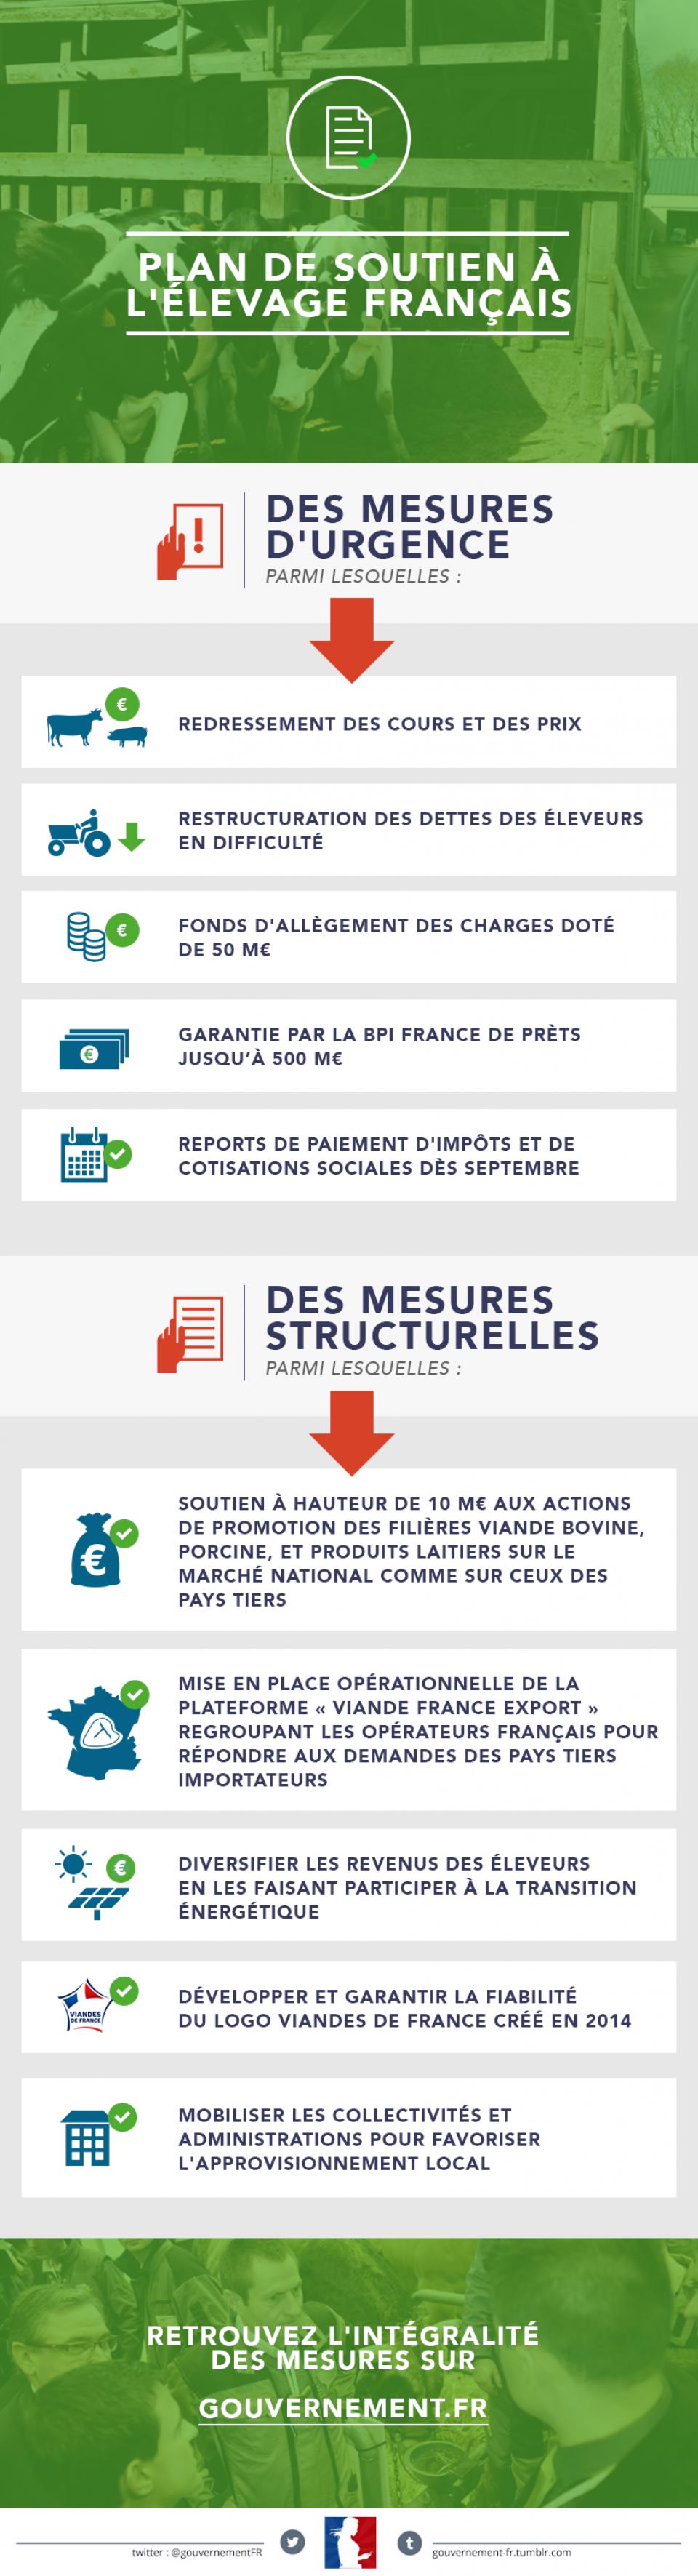 infographie sur le Plan de soutien à l'élevage français - voir en plus grand